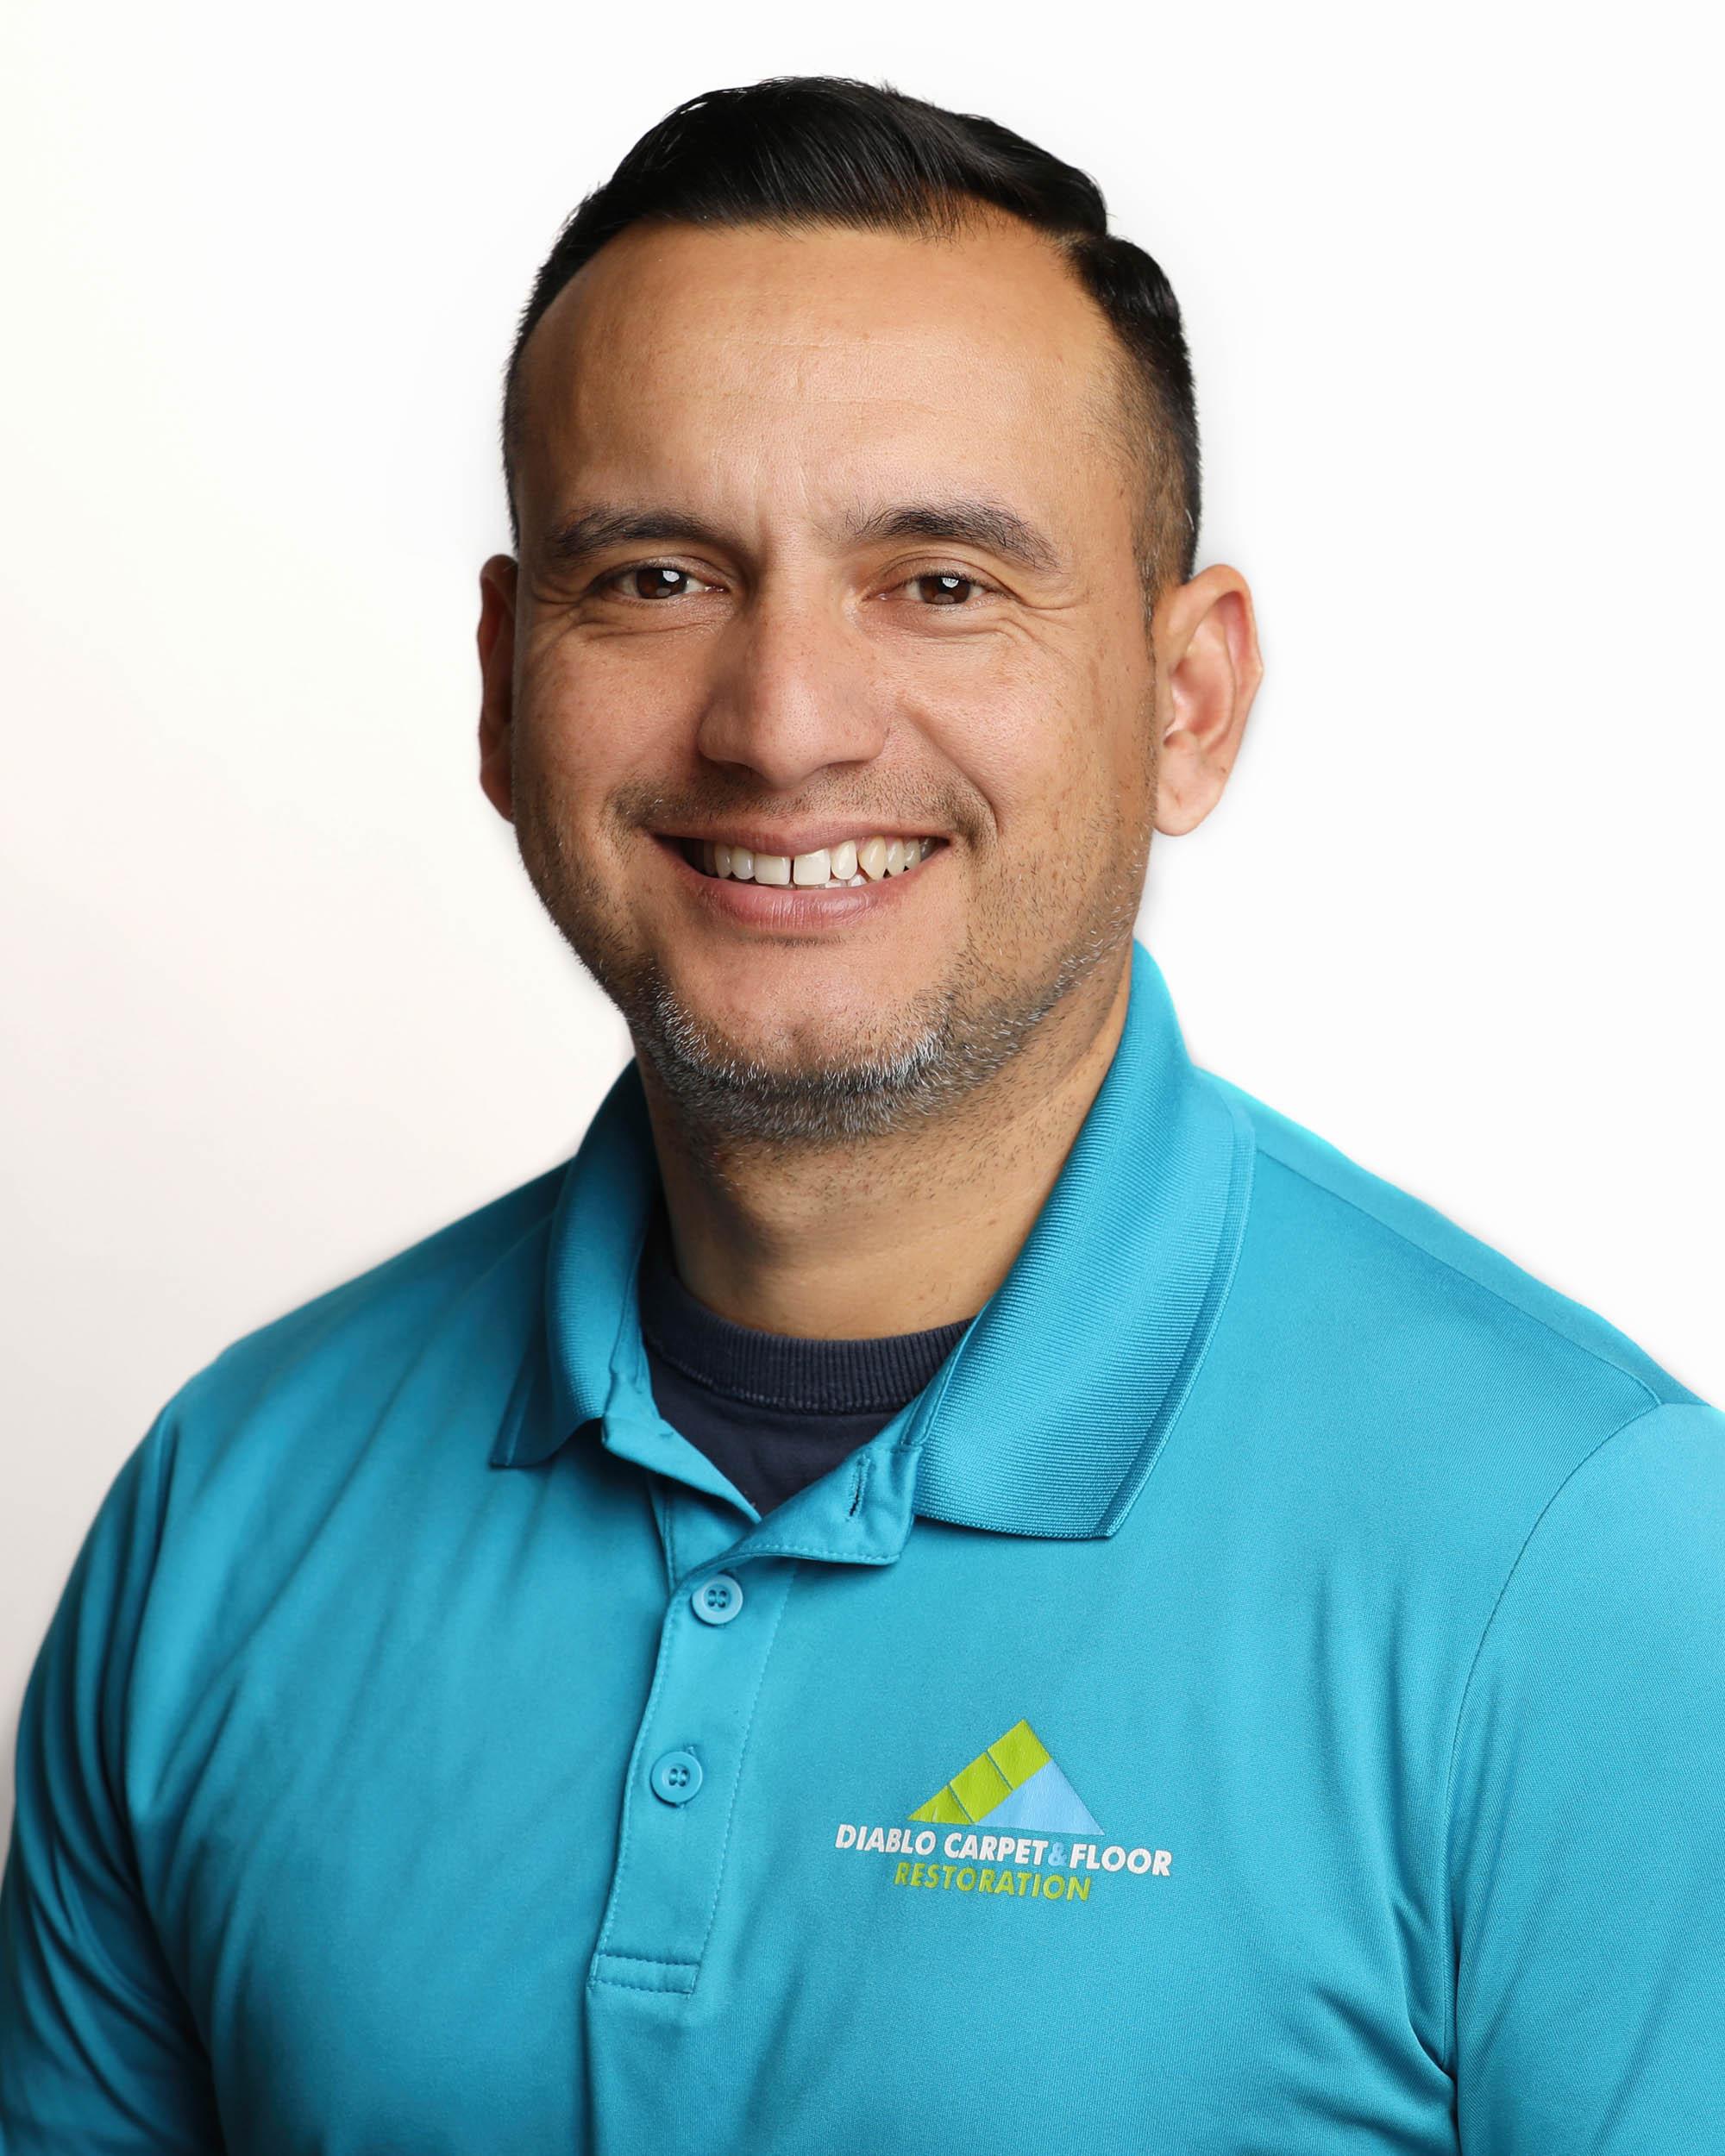 Martin Romero